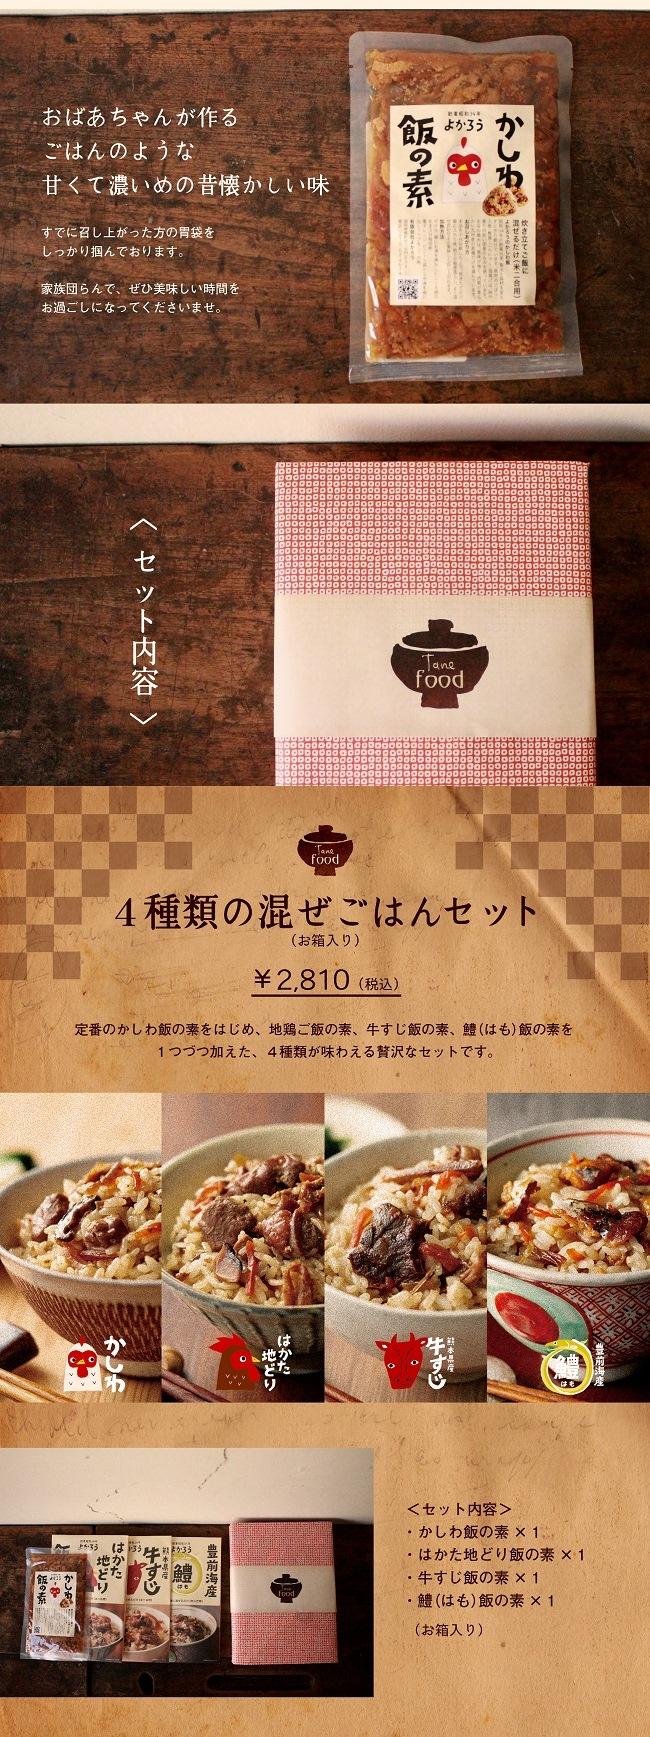 kashiwa614-2.jpg